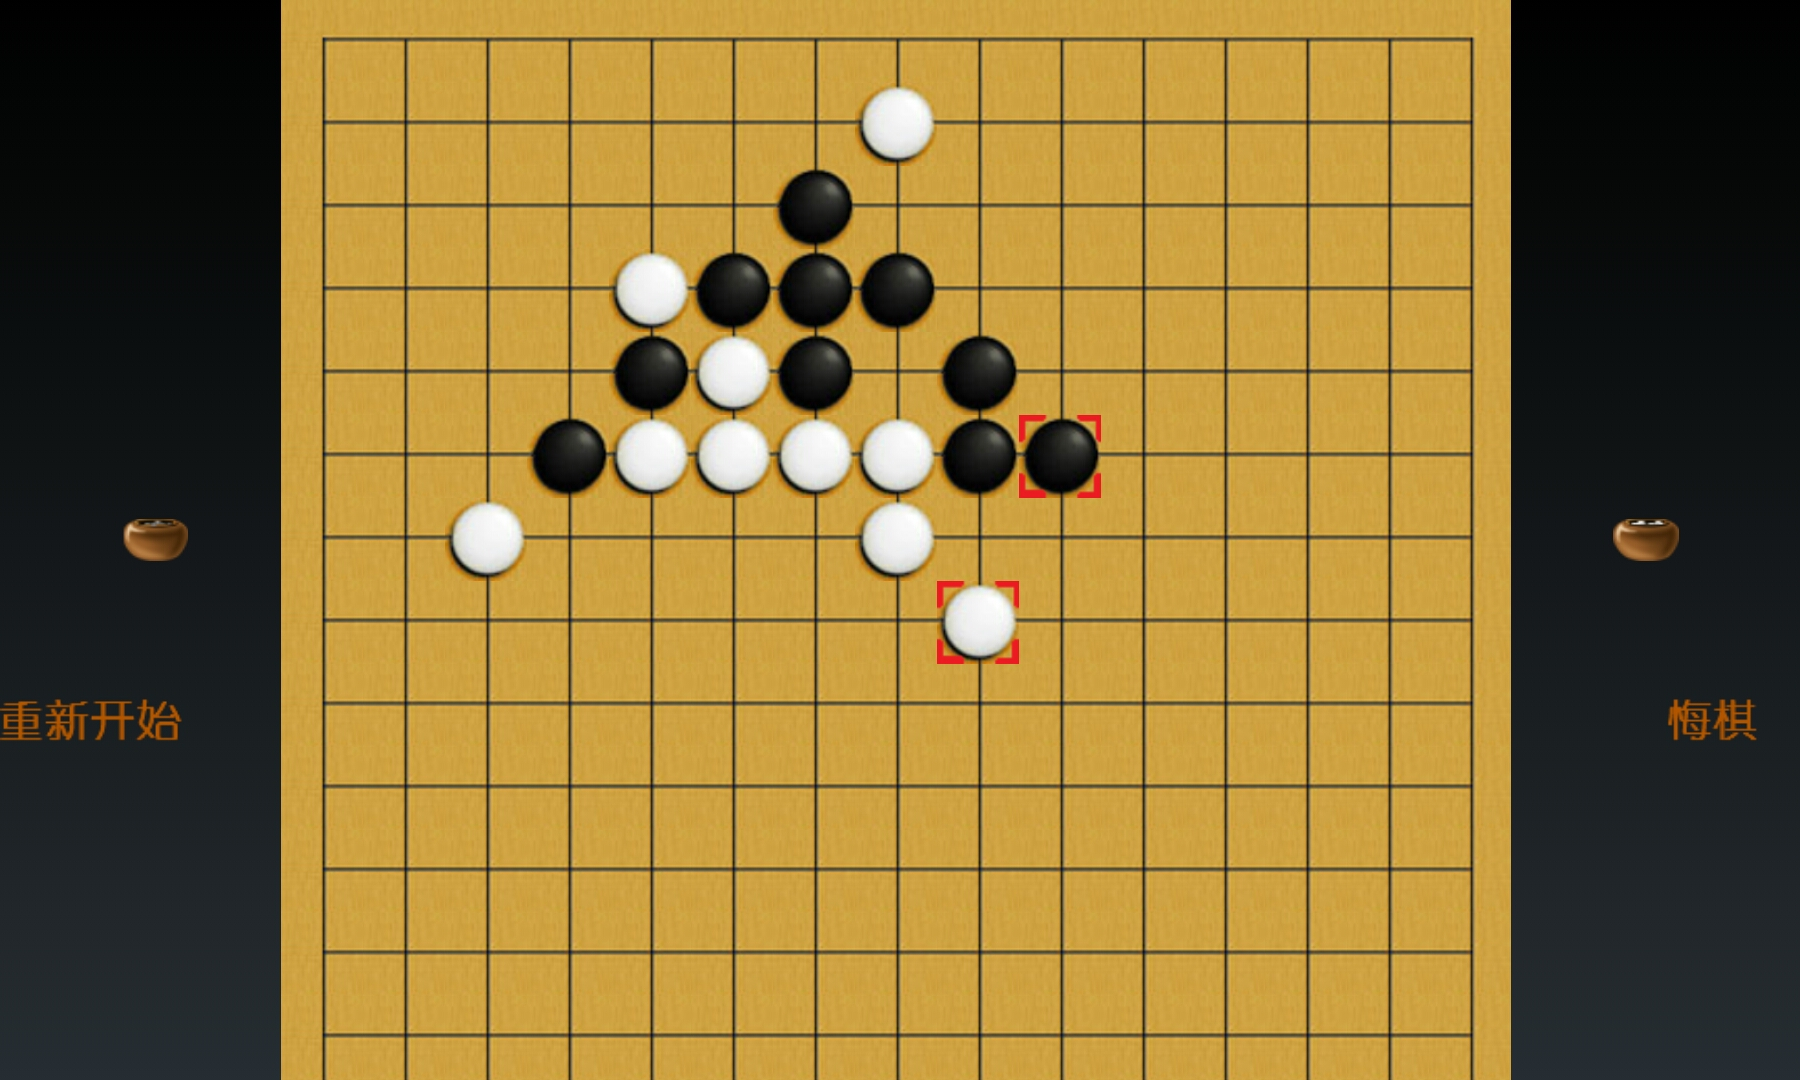 天天五子棋图片